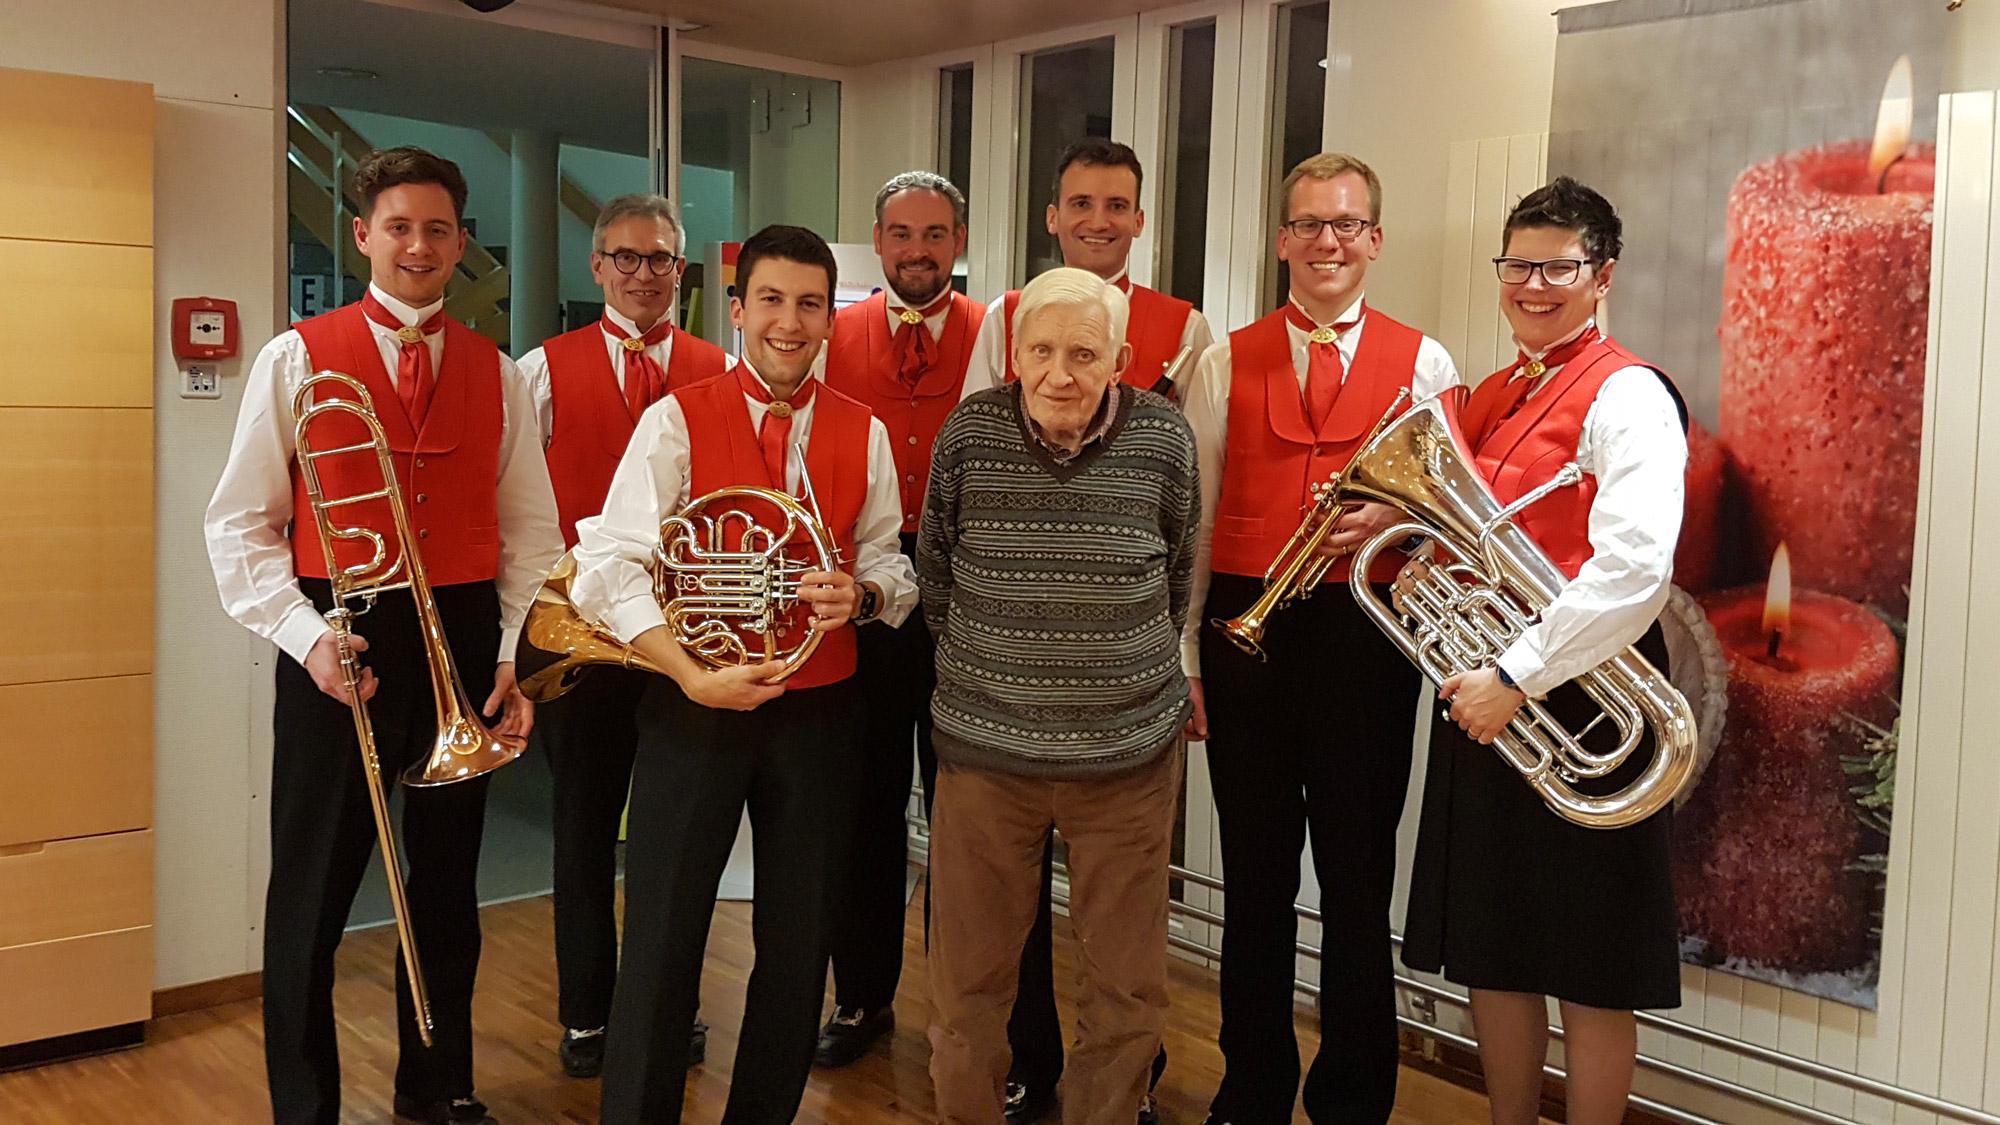 Bild: Fahnengötti Hans Fässler feiert seinen 90. Geburtstag